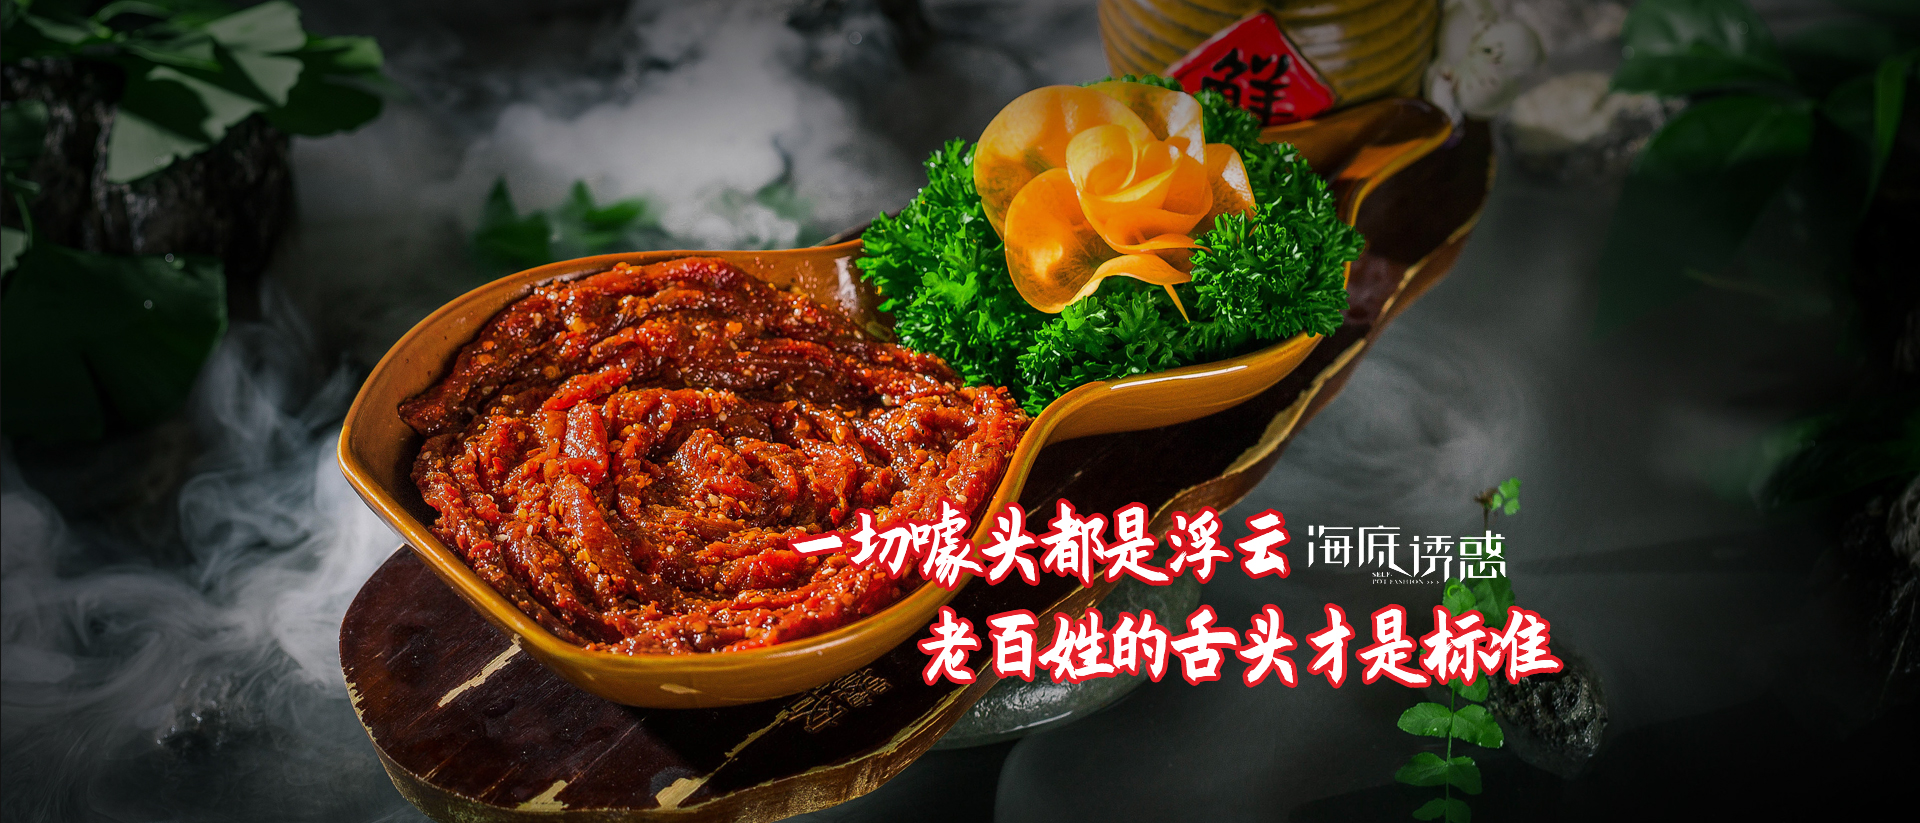 重庆特色老火锅加盟